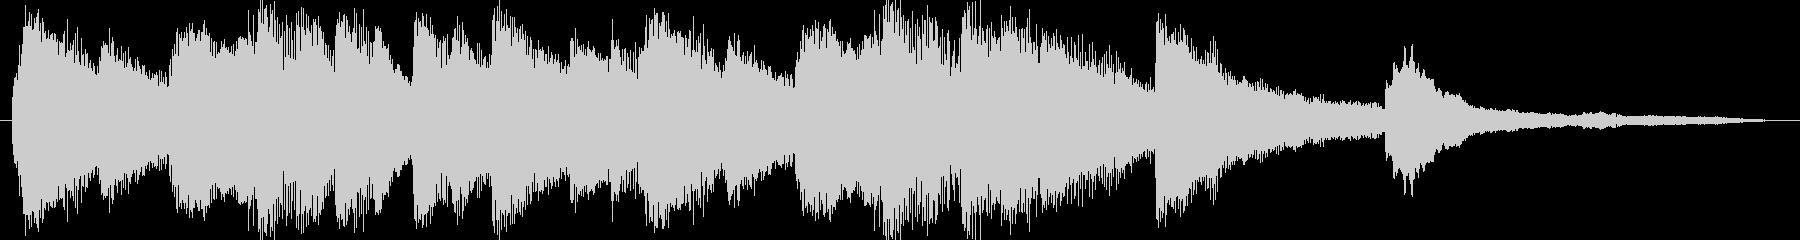 きれいな旋律のピアノソロジングルの未再生の波形